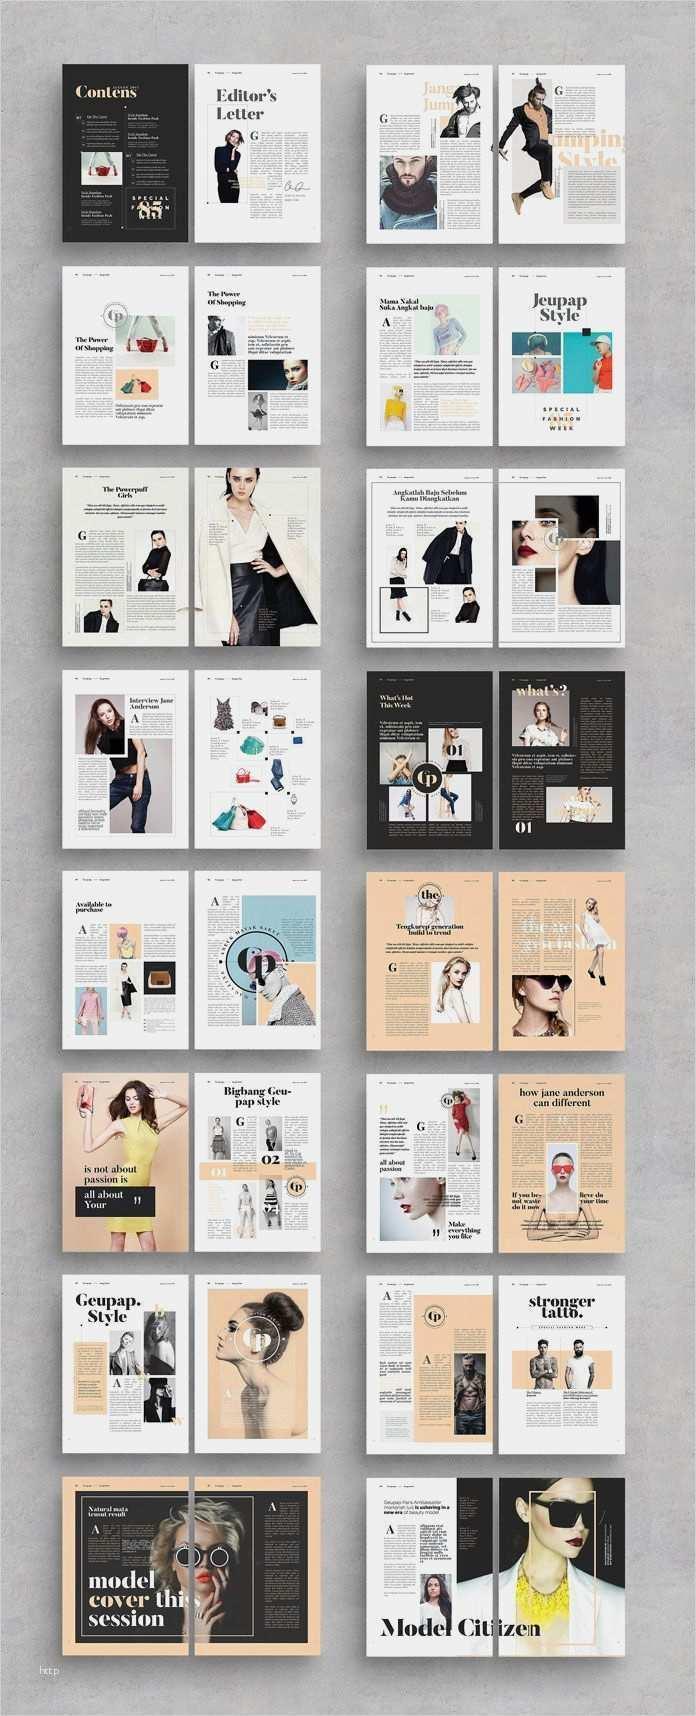 39 Erstaunlich Indesign Layout Vorlagen Zeitschrift Bilder Modezeitschriften Entwurf Magazin Design Editorial Design Layouts